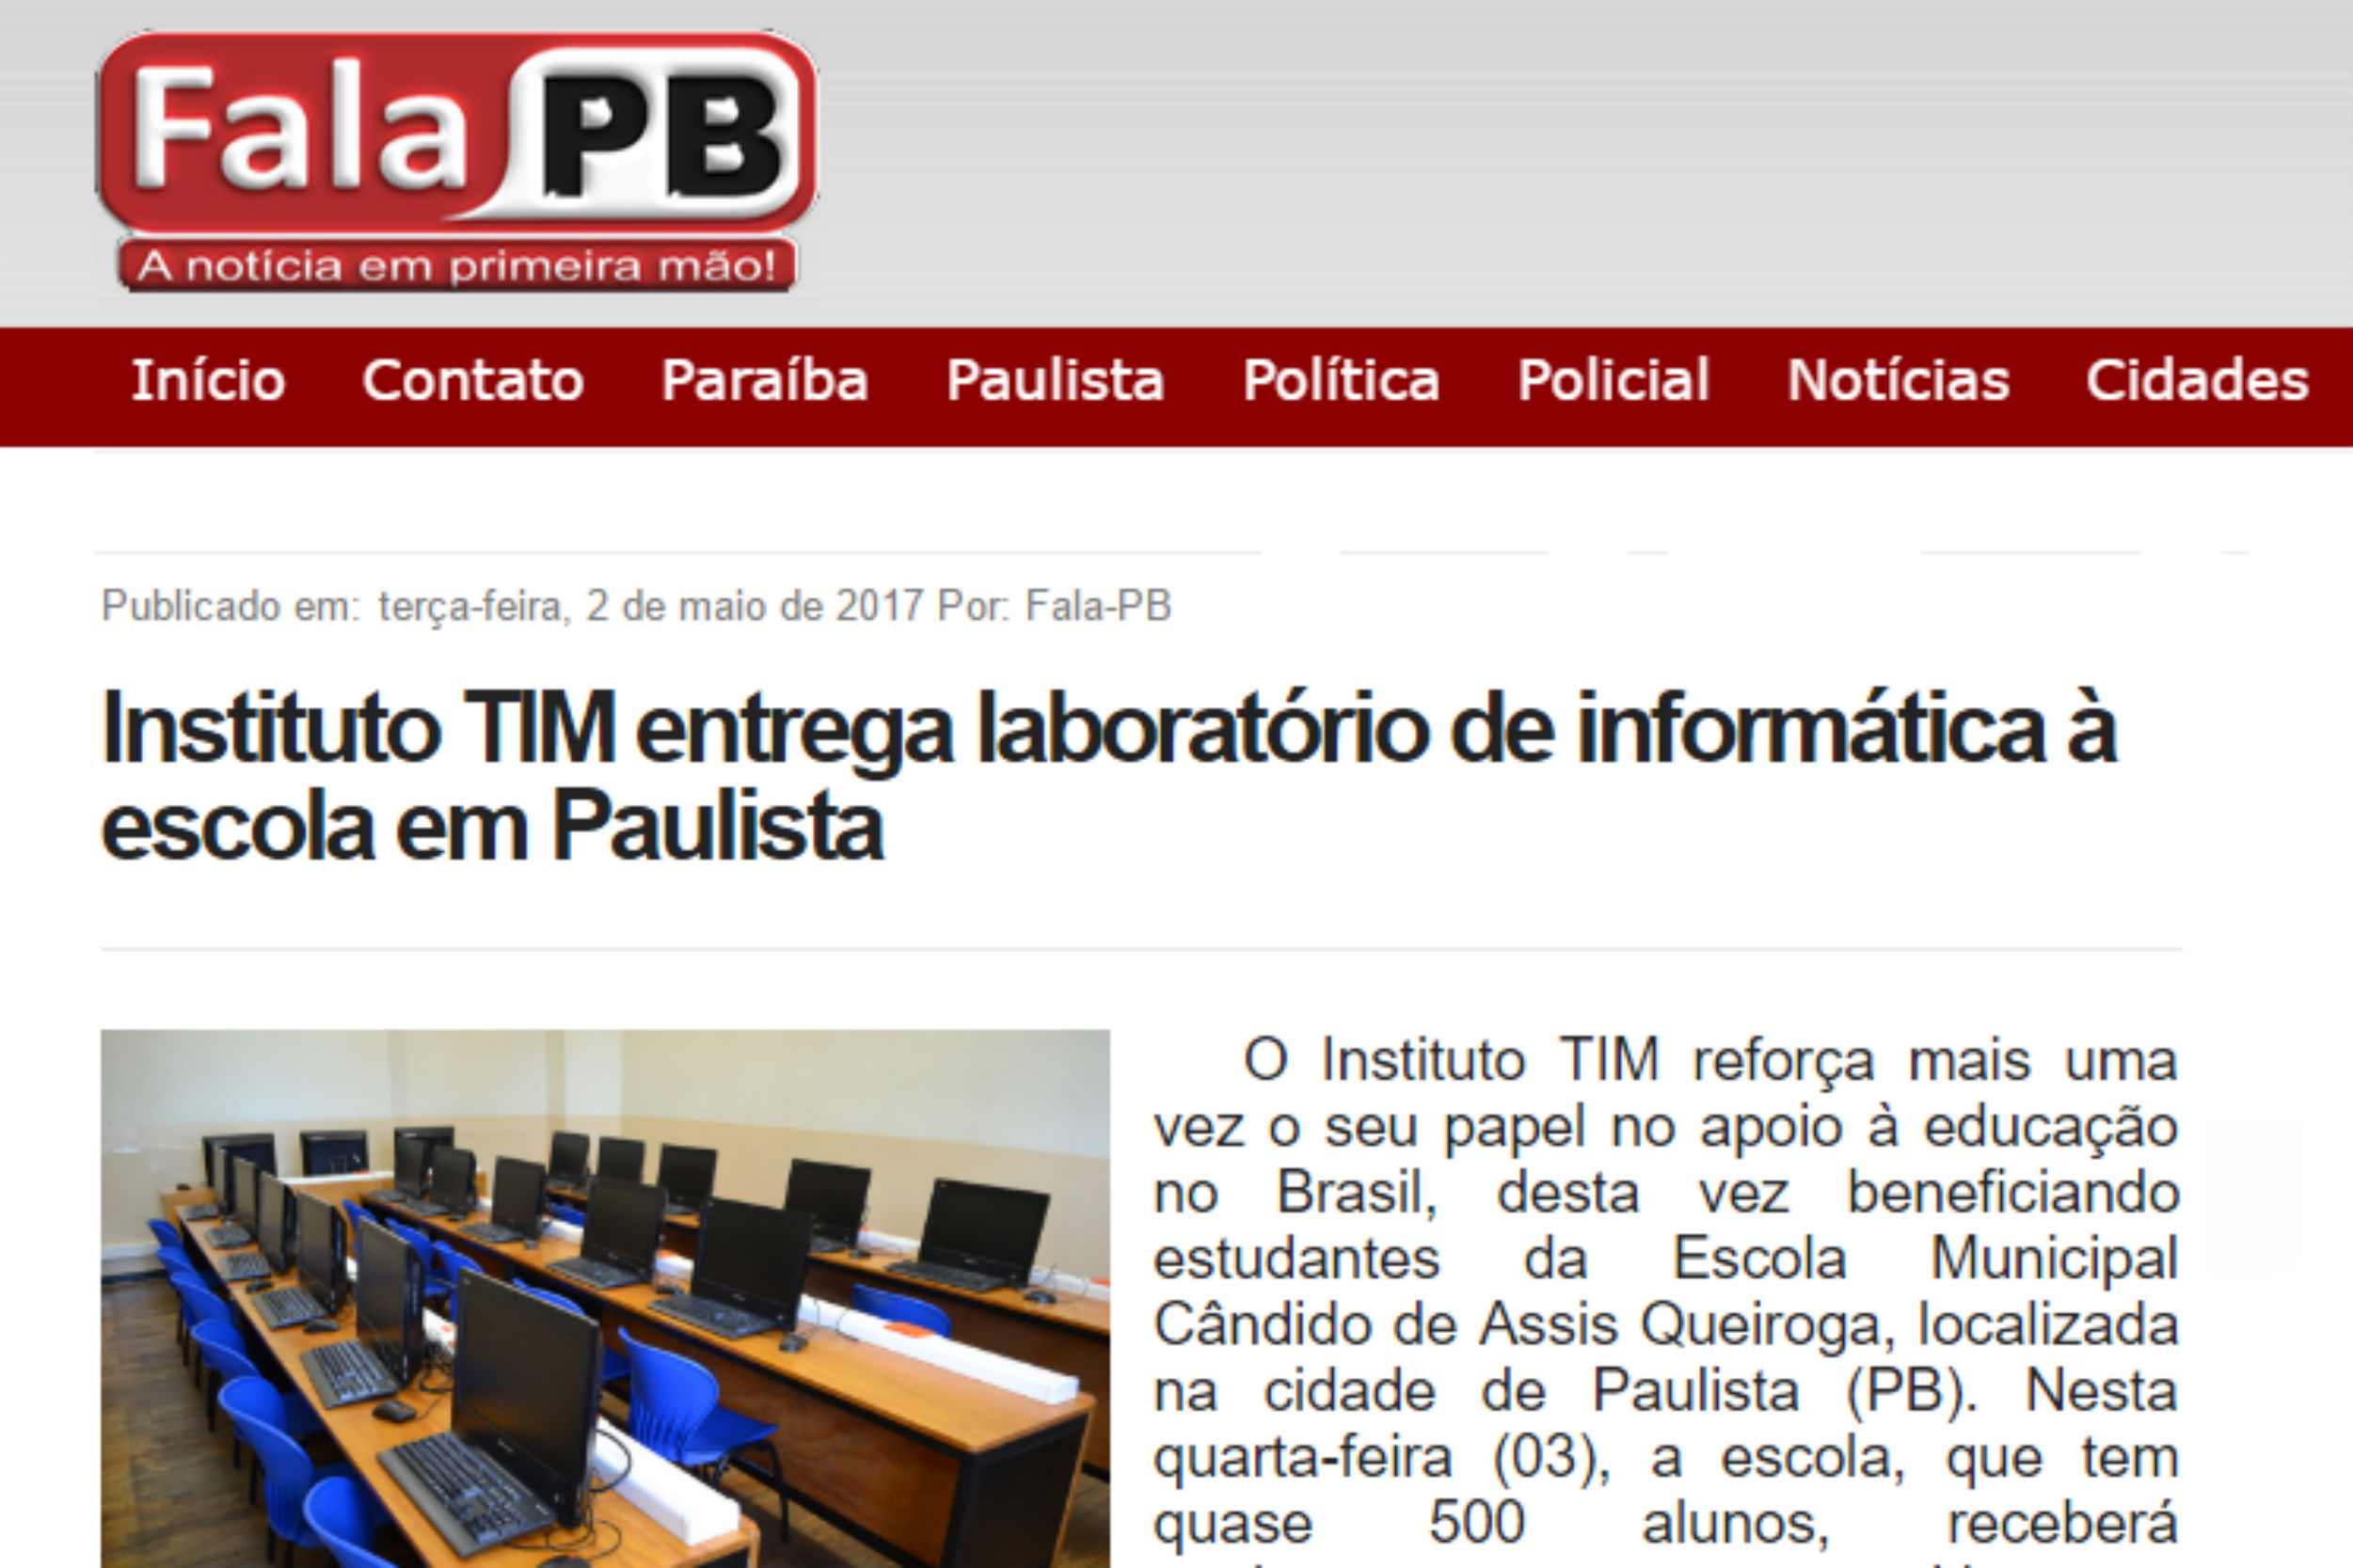 02_05_2017-instituto-tim-entrega-laboratorio-de-informatica-a-escola-em-paulista_fala-pb-imagem-destacada